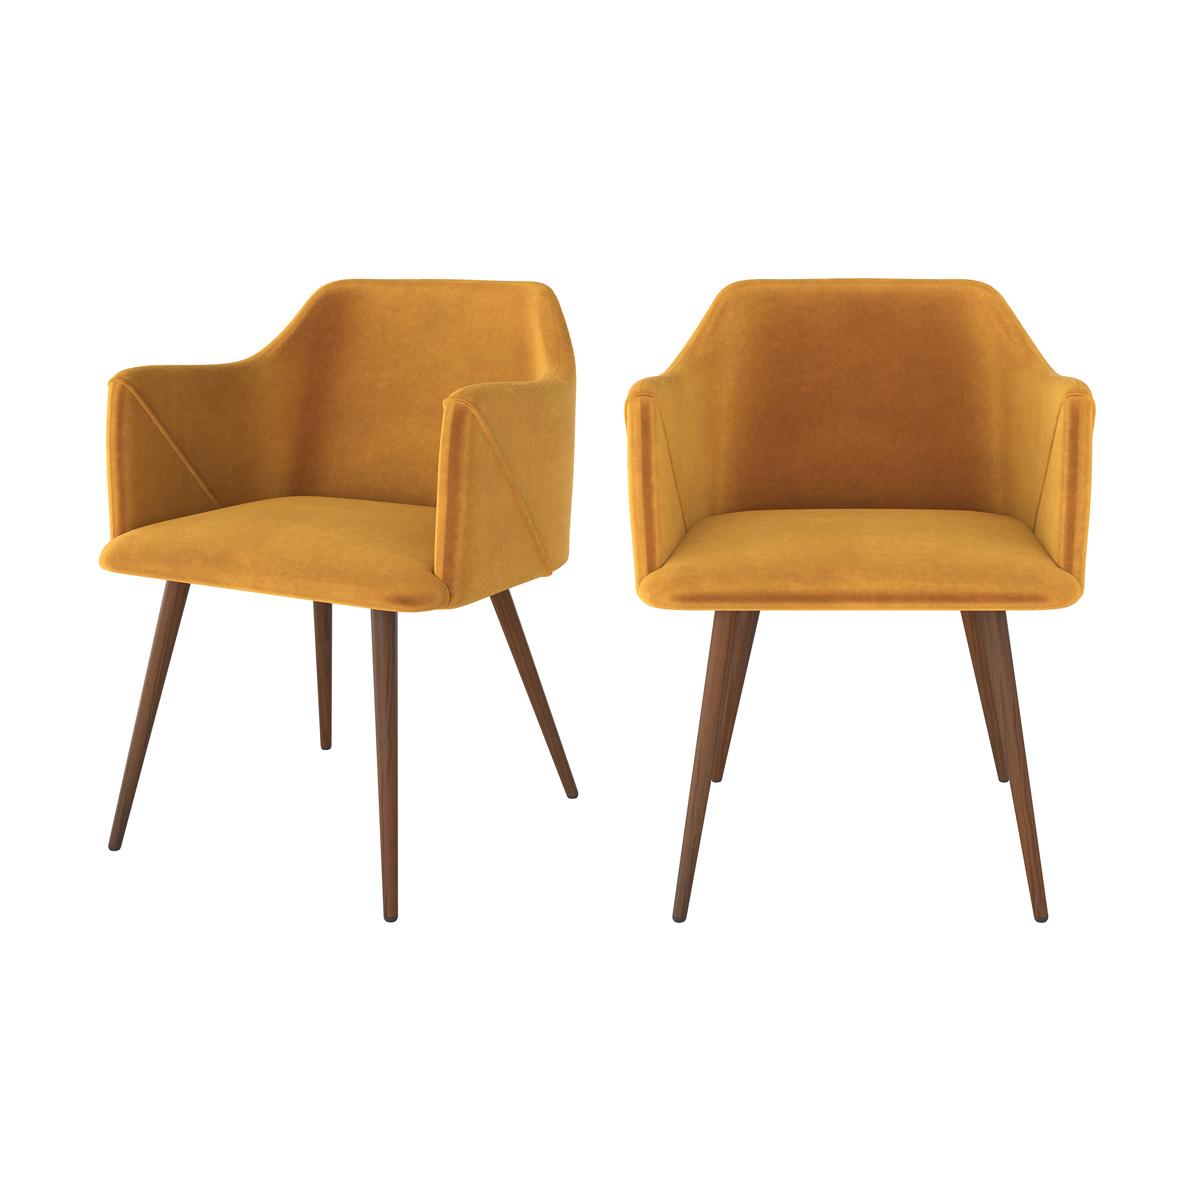 Chaise avec accoudoirs en velours jaune moutarde (lot de 2)